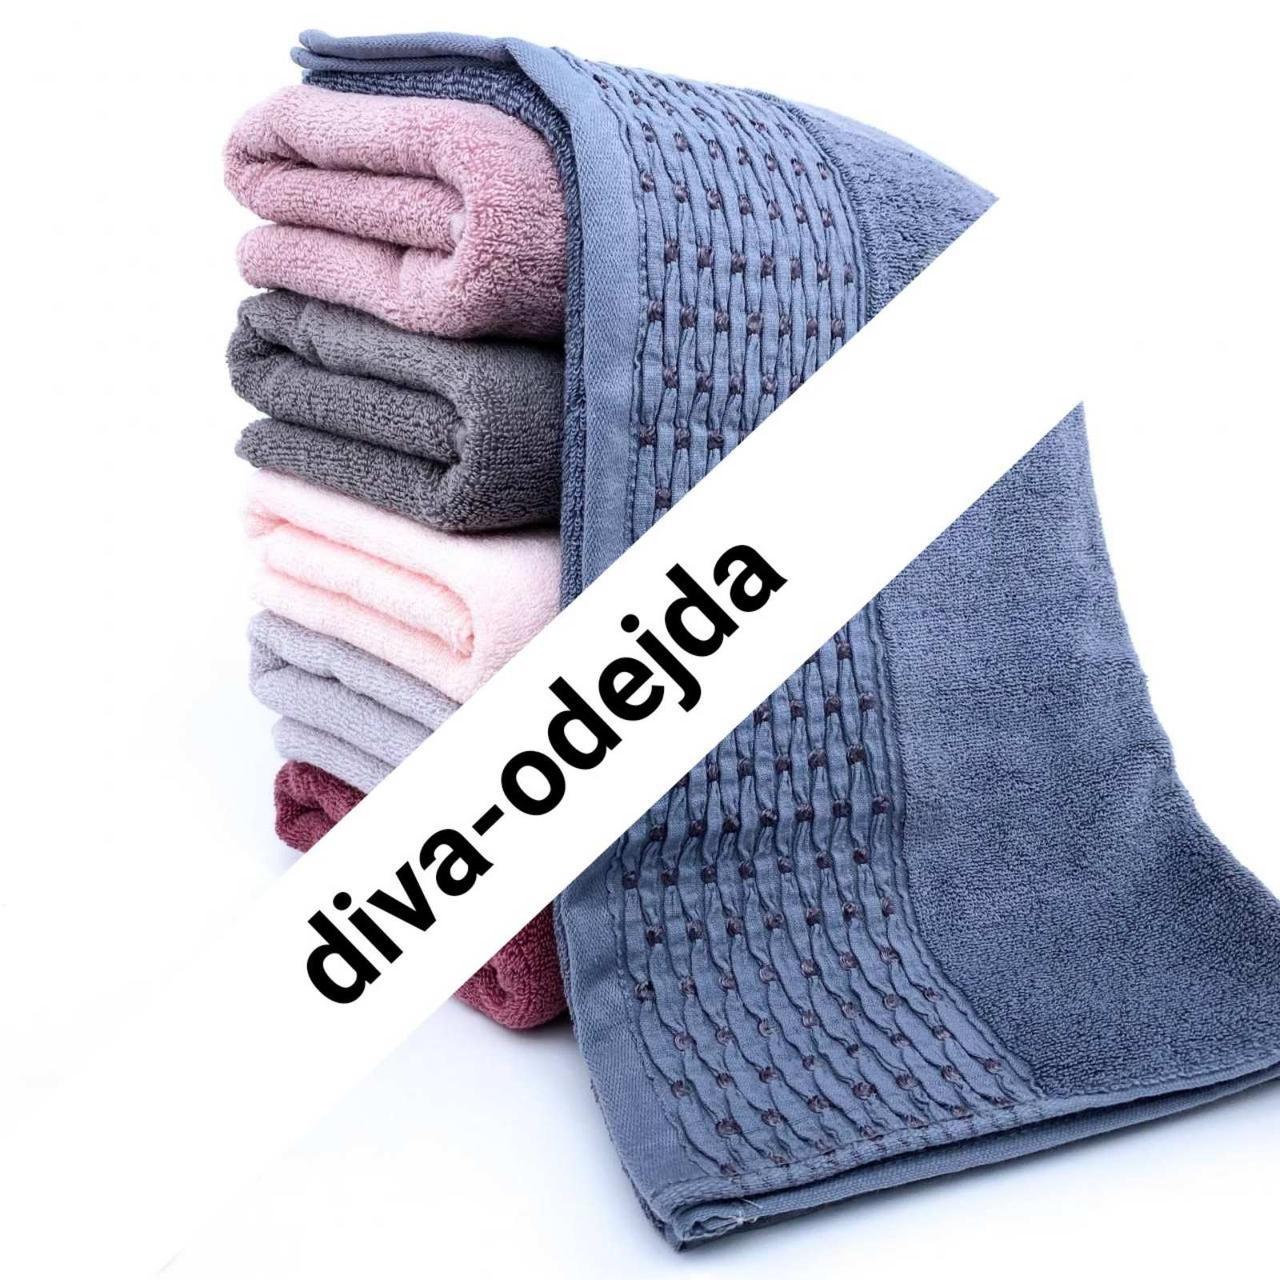 Махровое качественное полотенце нежного цвета.Размер:1,0 x 0,5